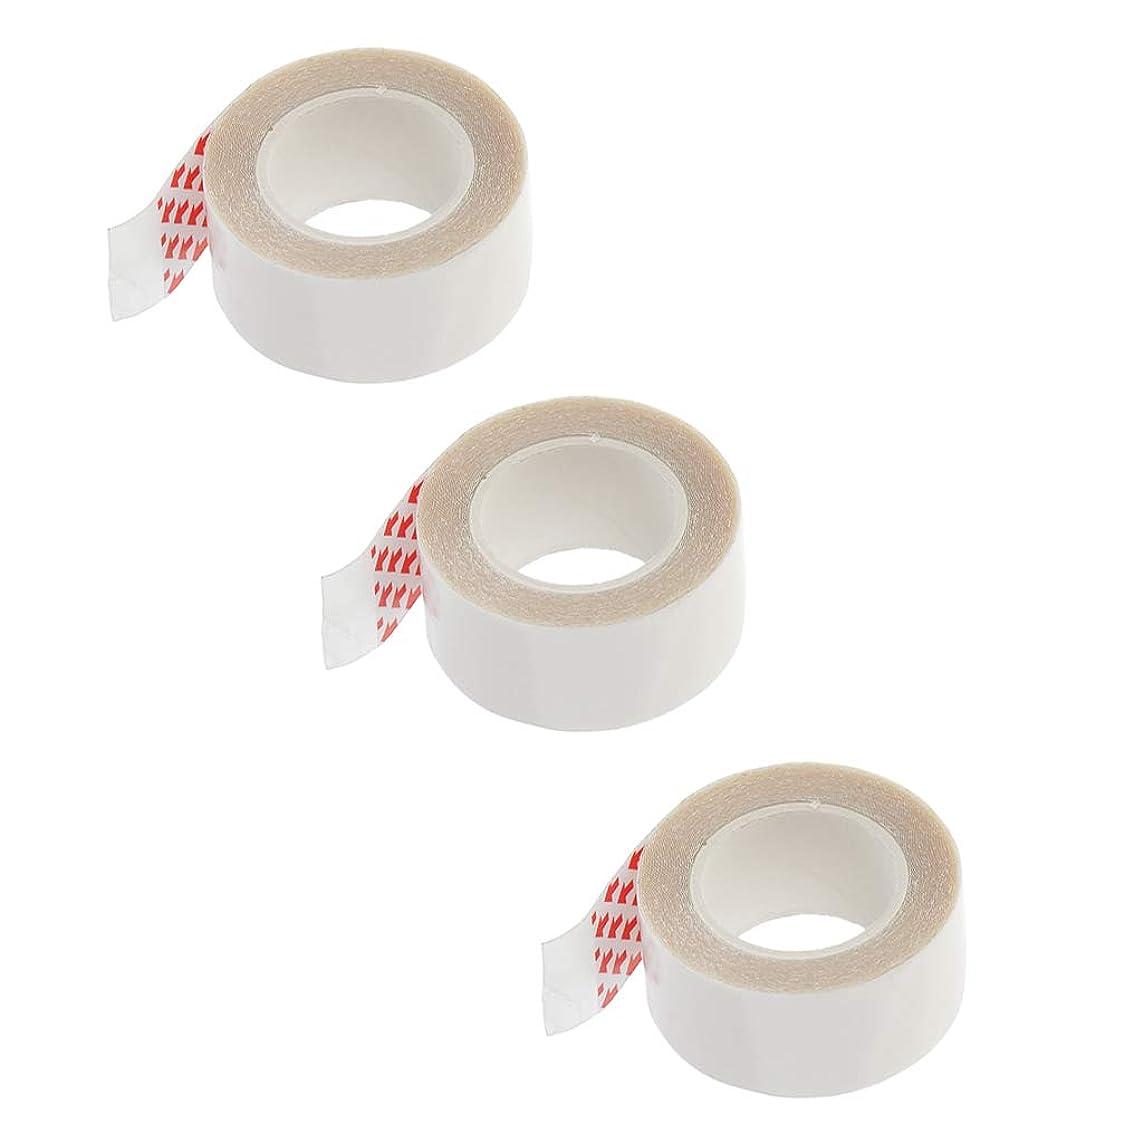 アカウント個性飲み込むT TOOYFUL 透明 テープ 固定用 両面テープ スキン ヘア エクステンション 化粧ツール 2cmx3m 3本